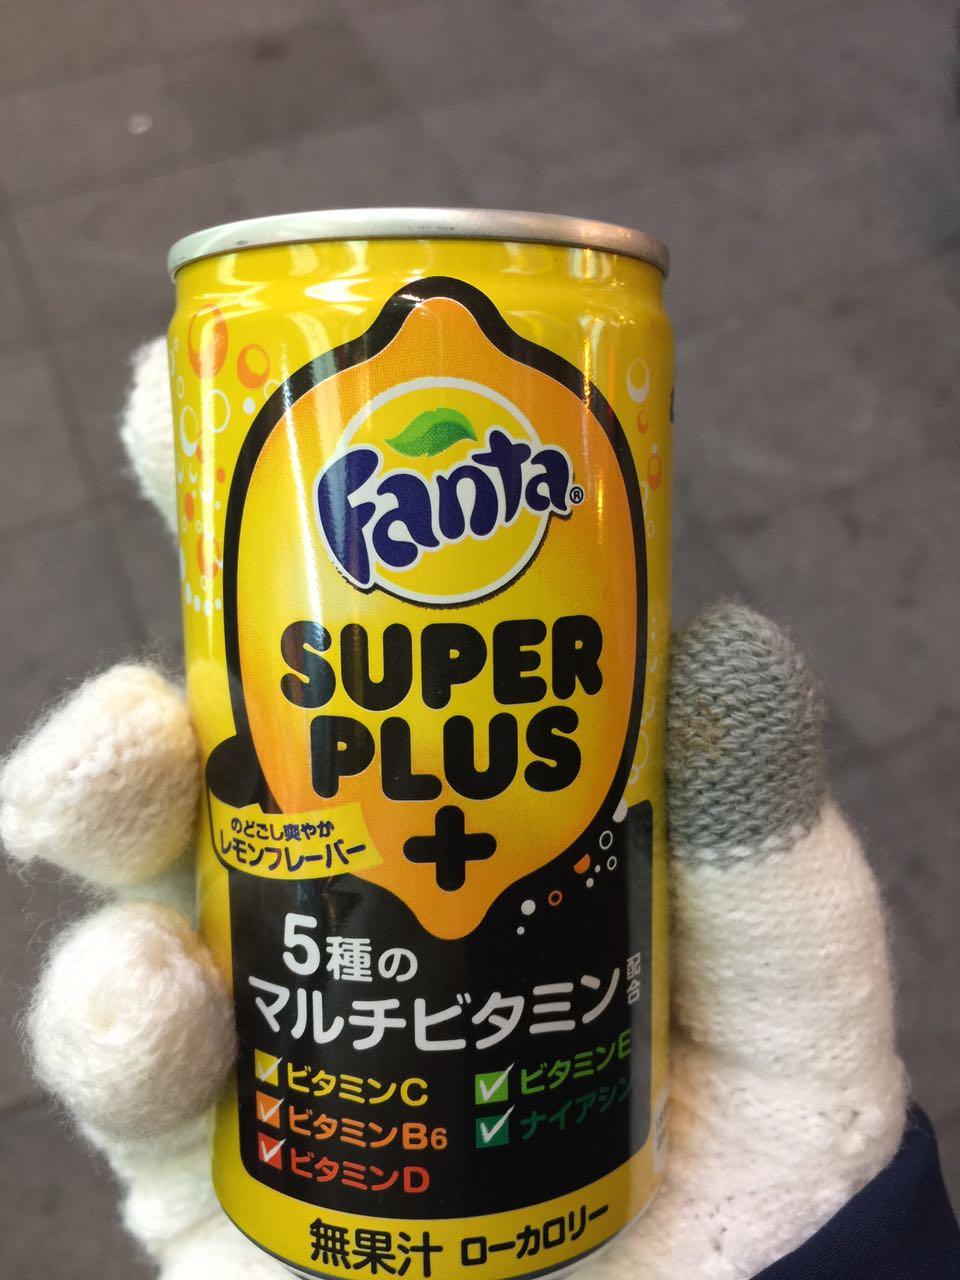 Fanta Super Plus +